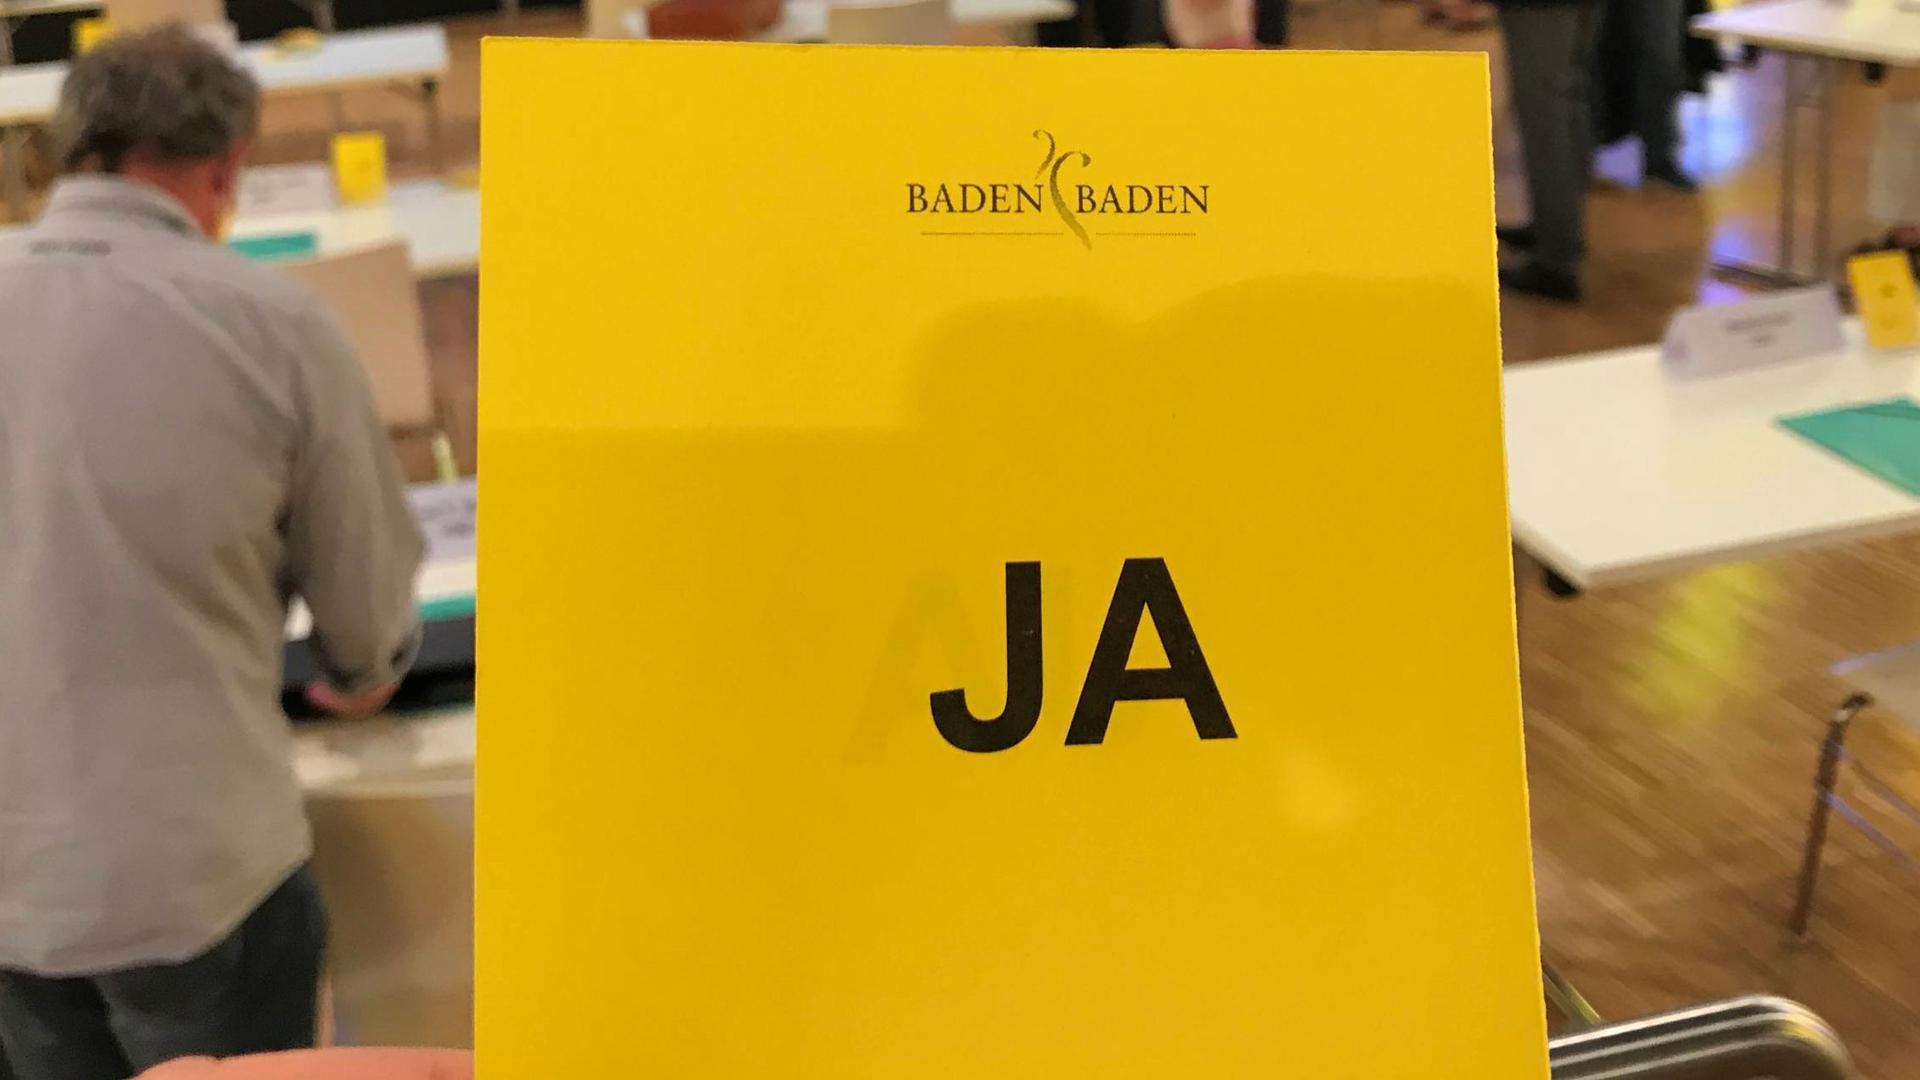 """Mit einer gelben Karte und der Aufschrift """"JA"""" signalisieren Gemeinderäte in Sitzungen in Baden-BadenZustimmung zu einem Tagesordnungspunkt"""